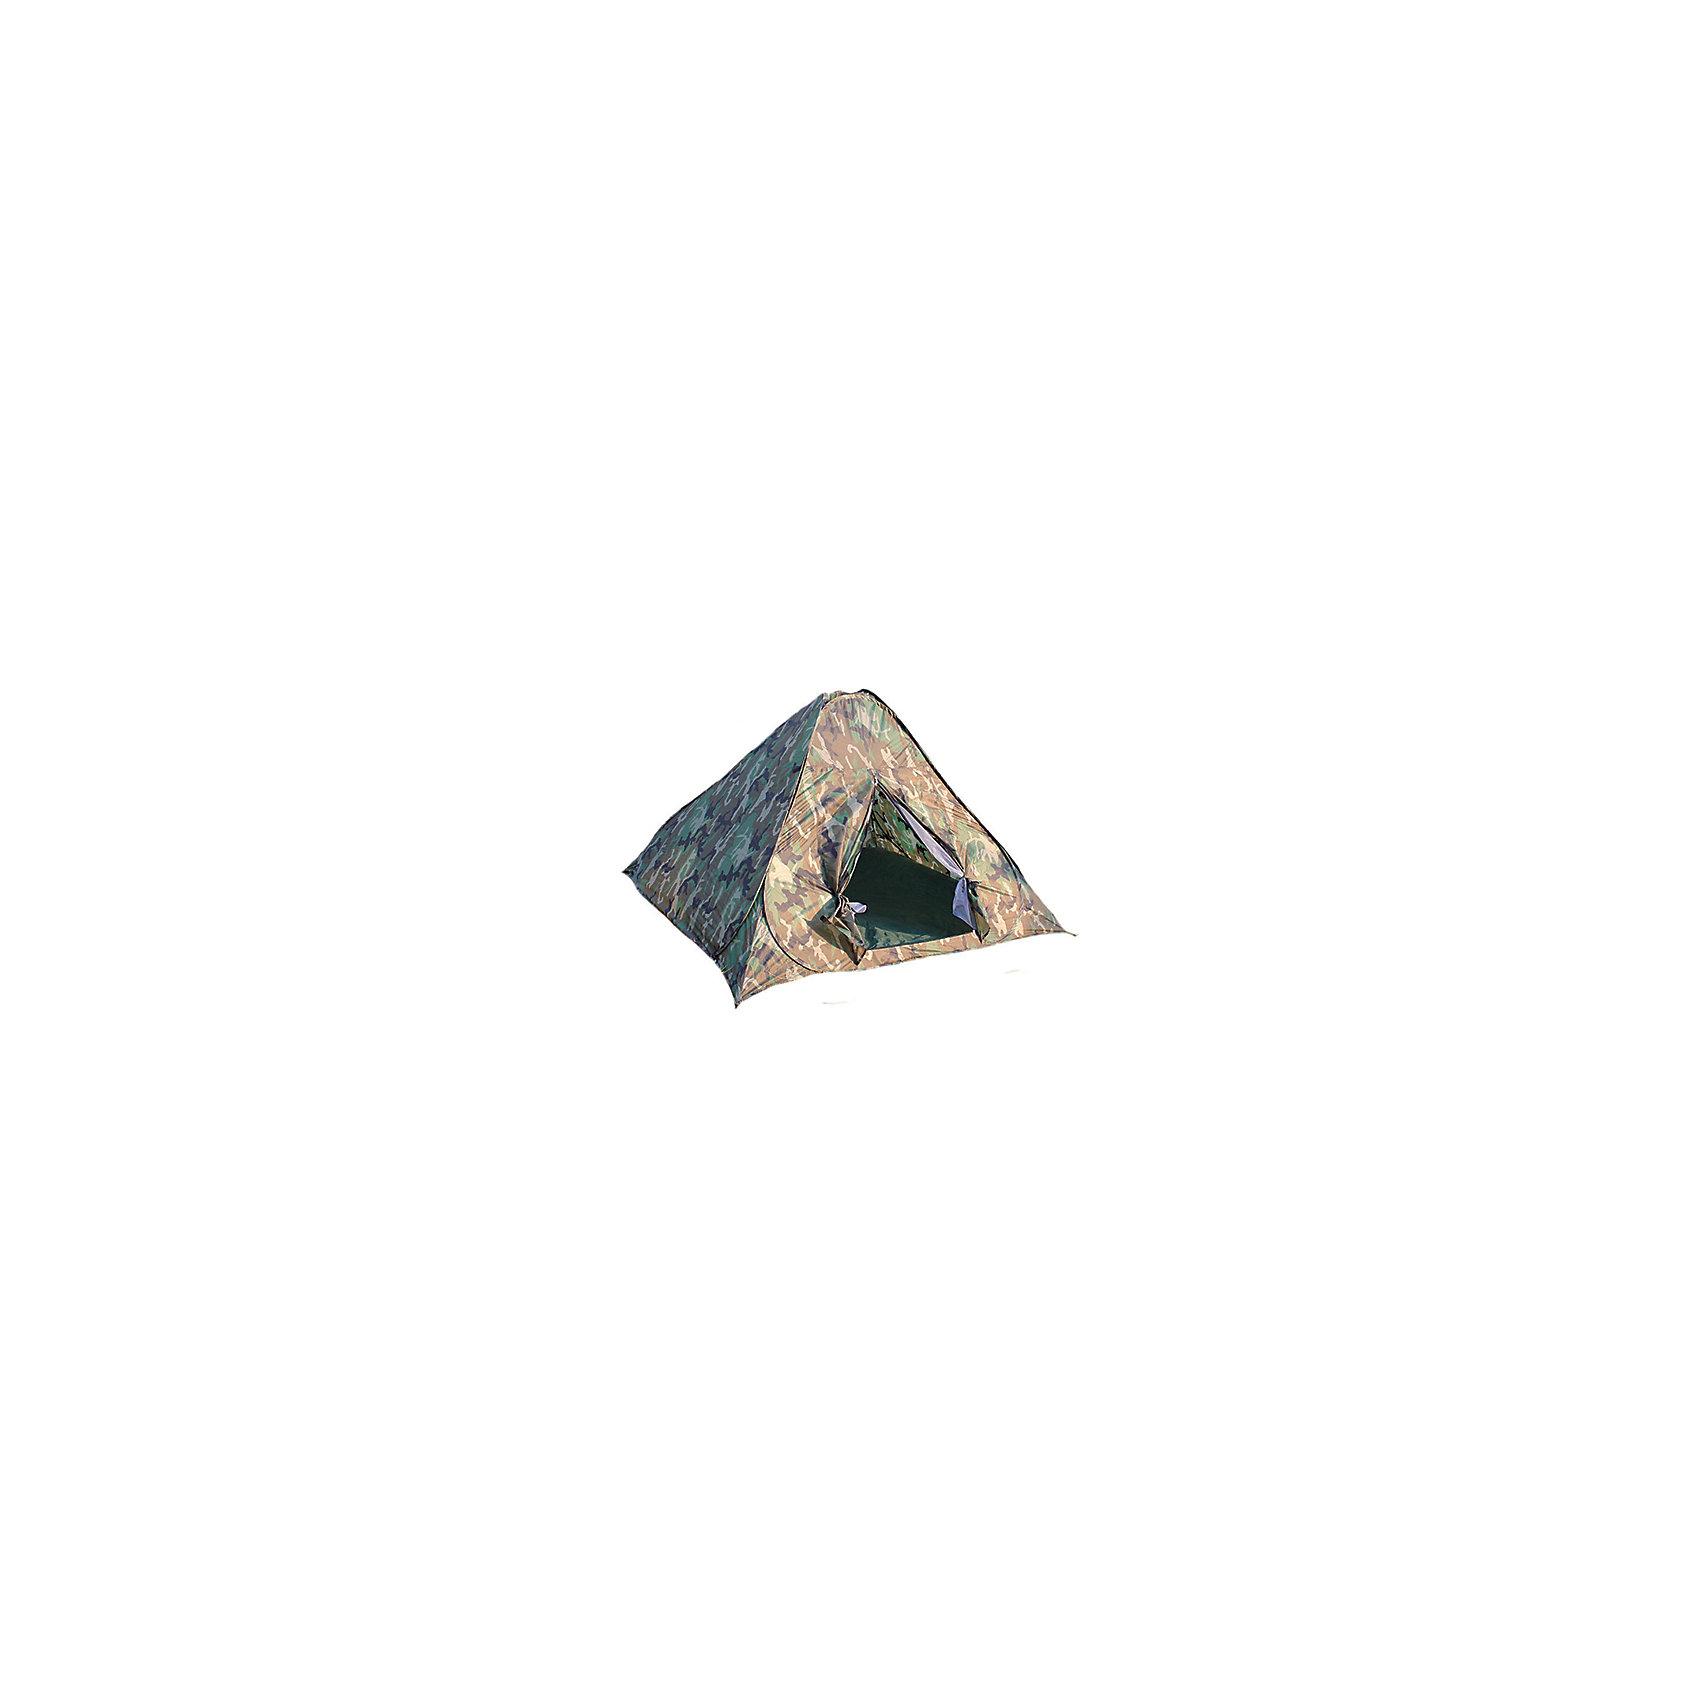 Палатка 2-х местная самораскладывающаяся, RekaТуризм<br>Характеристики товара:<br><br>• количество мест: 2<br>• мгновенная сборка<br>• размер: 190х190х130 см<br>• материал: 190T полиэстер<br>• материал пола: оксфорд.<br>• каркас: сталь <br>• москитная сетка.<br>• вес: 2,1кг<br>• цвет: хаки<br>• страна-производитель: Китай <br>• упаковка: чехол, пакет<br>• размер изделия в упаковке: 59х59х4см<br><br>Палатка 2-х местная самораскладывающаяся, Reka<br><br>Ширина мм: 590<br>Глубина мм: 590<br>Высота мм: 35<br>Вес г: 2080<br>Возраст от месяцев: 36<br>Возраст до месяцев: 2147483647<br>Пол: Унисекс<br>Возраст: Детский<br>SKU: 5574439